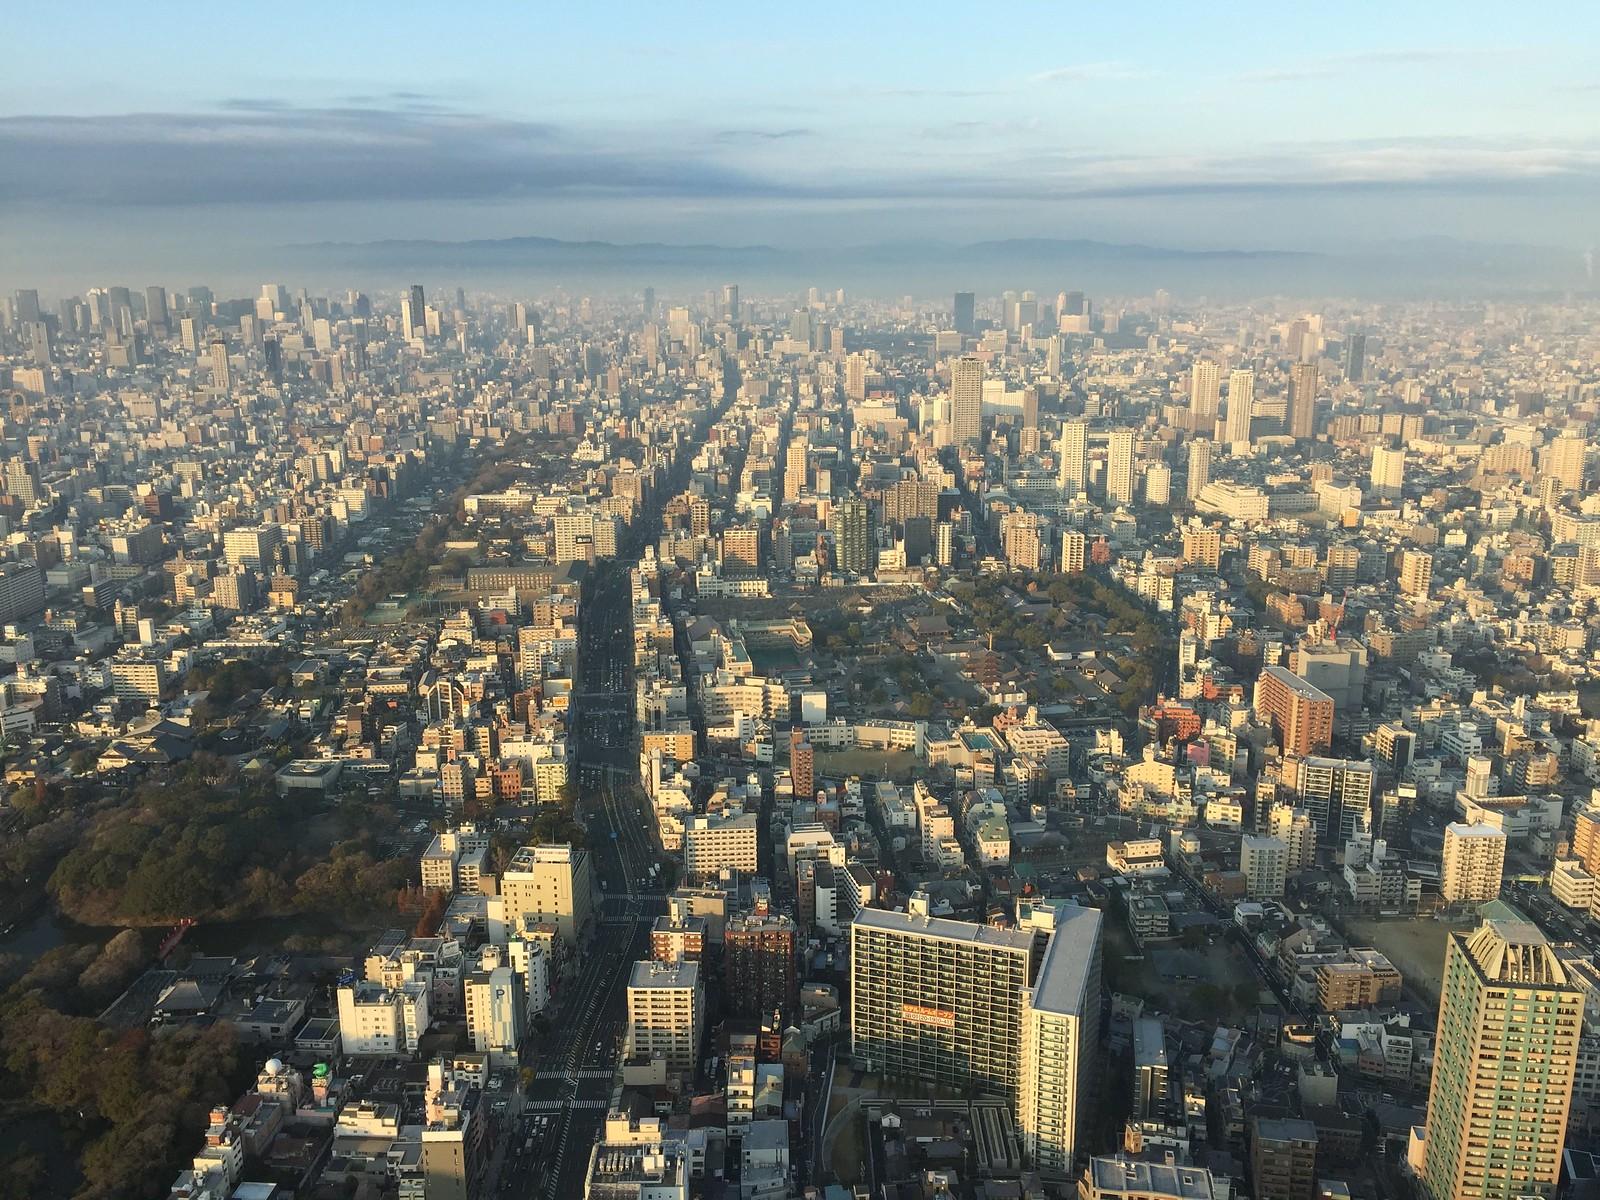 38. Abeno Harukas view